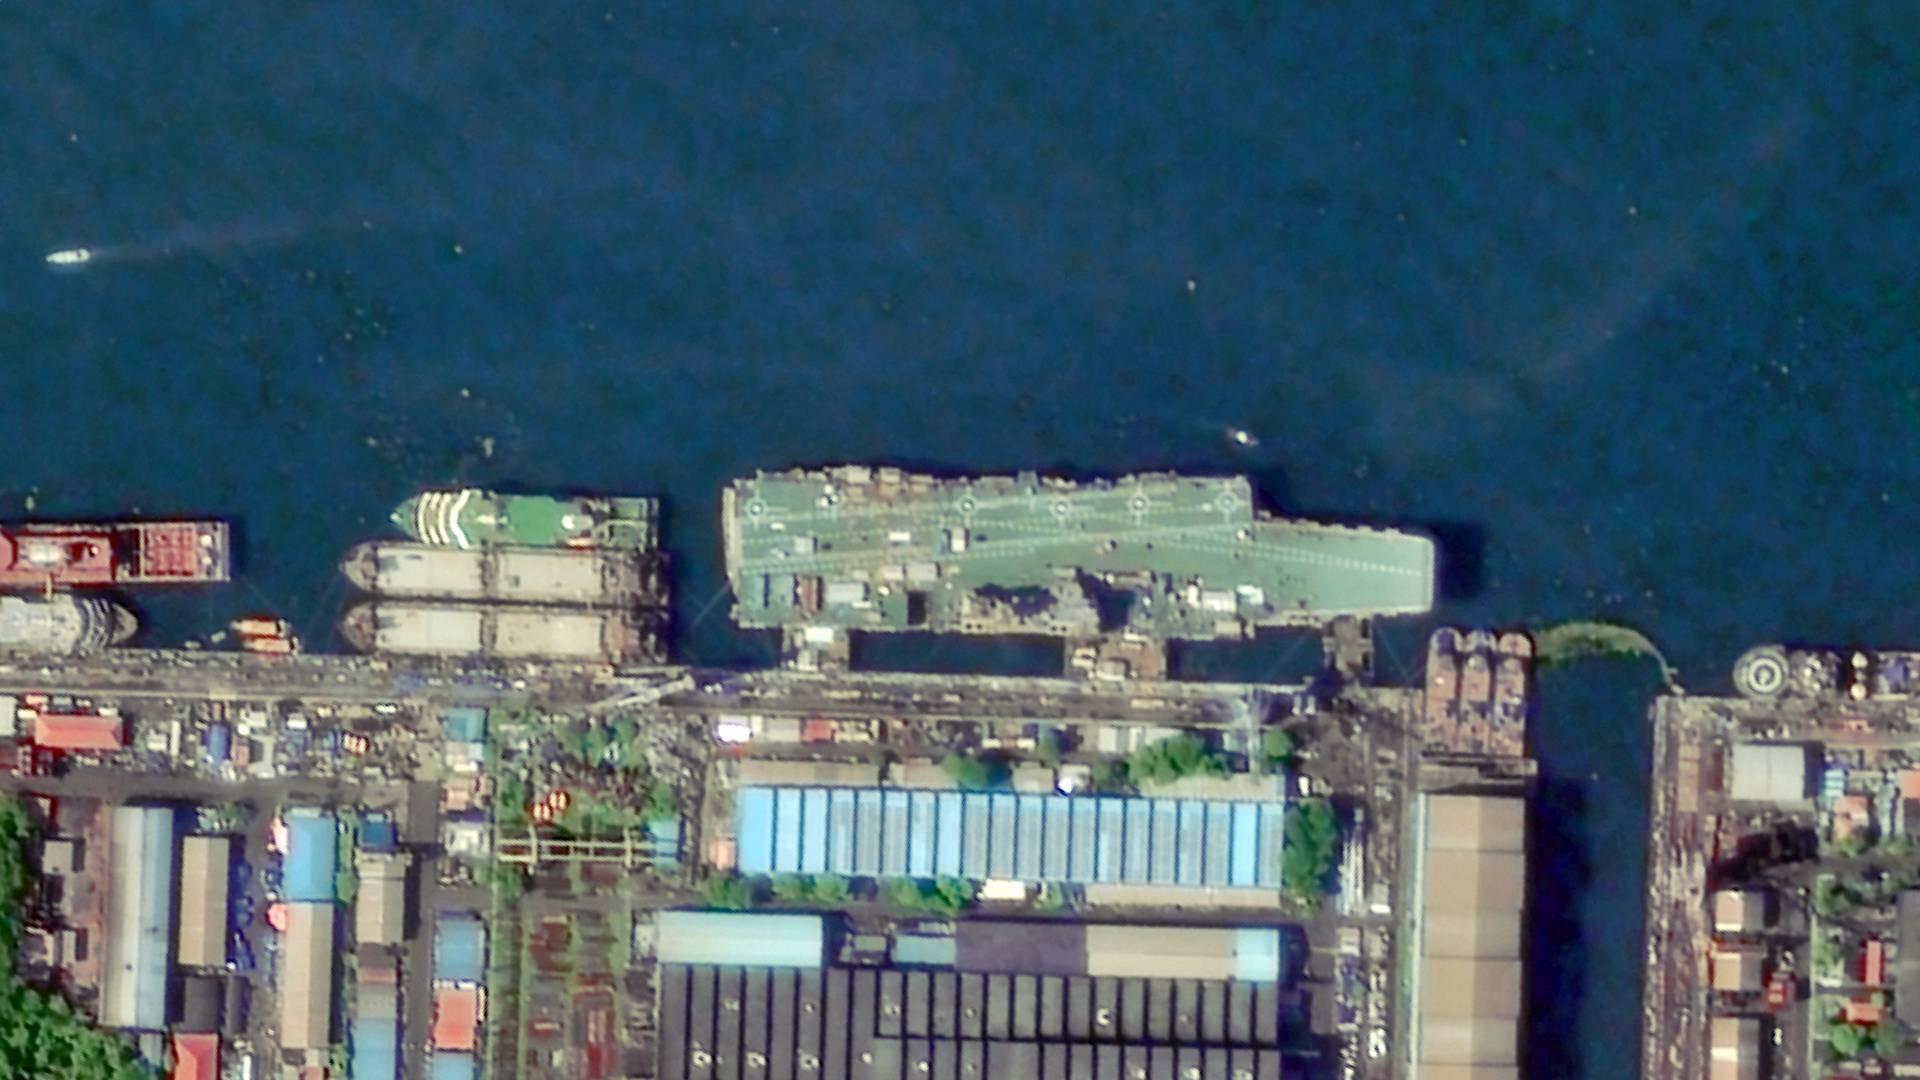 国产航母刷绿漆,第二艘还在纠结:印度老磨唧永远赶不上中国!